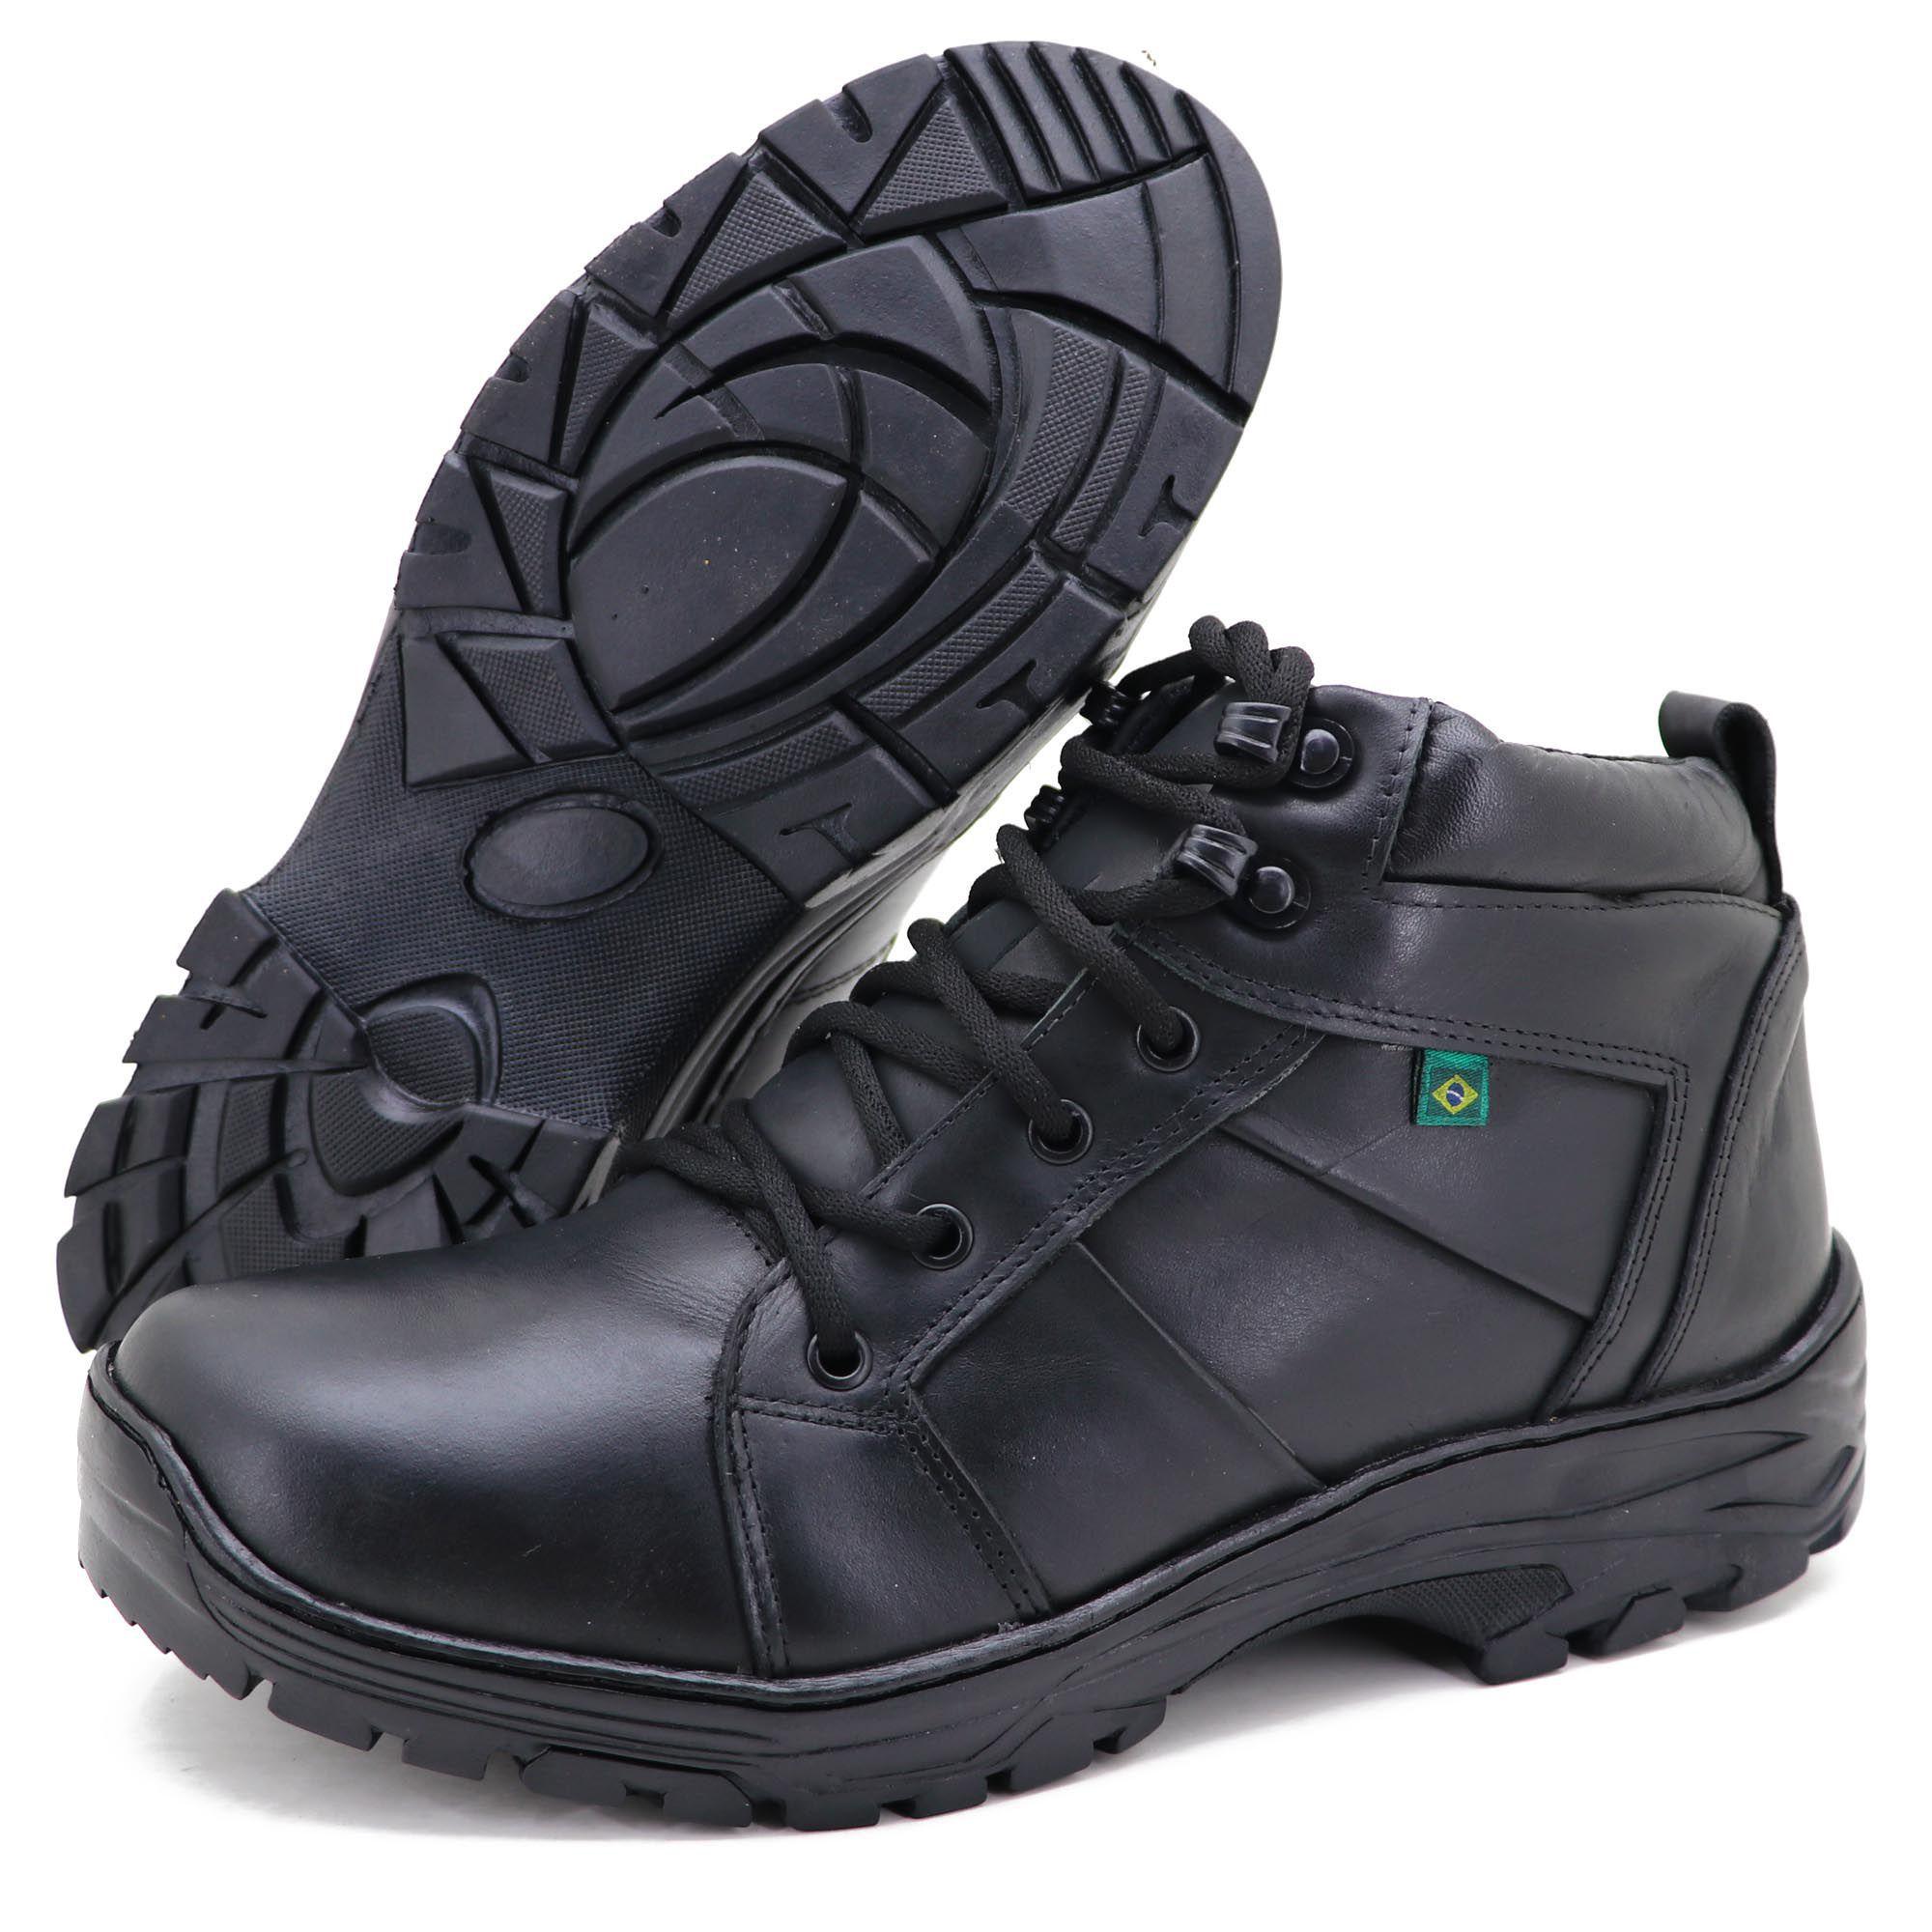 fab094595 Coturno militar de couro na cor preta, macio, leve e super resistente